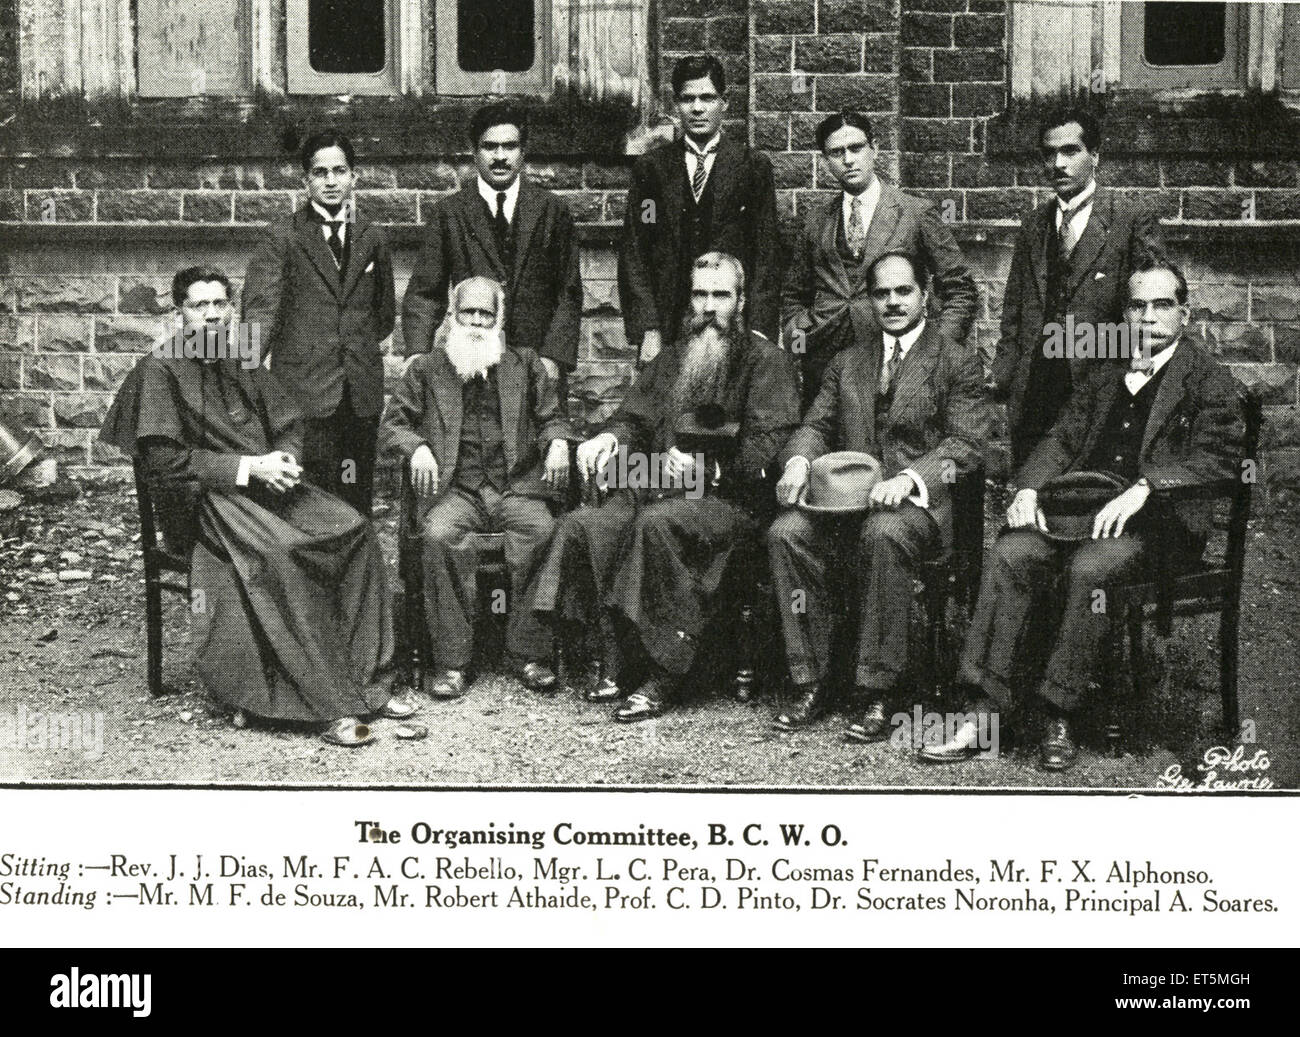 Catholic community The Organizing Committee B. C. W. O. ; India NO MR - Stock Image